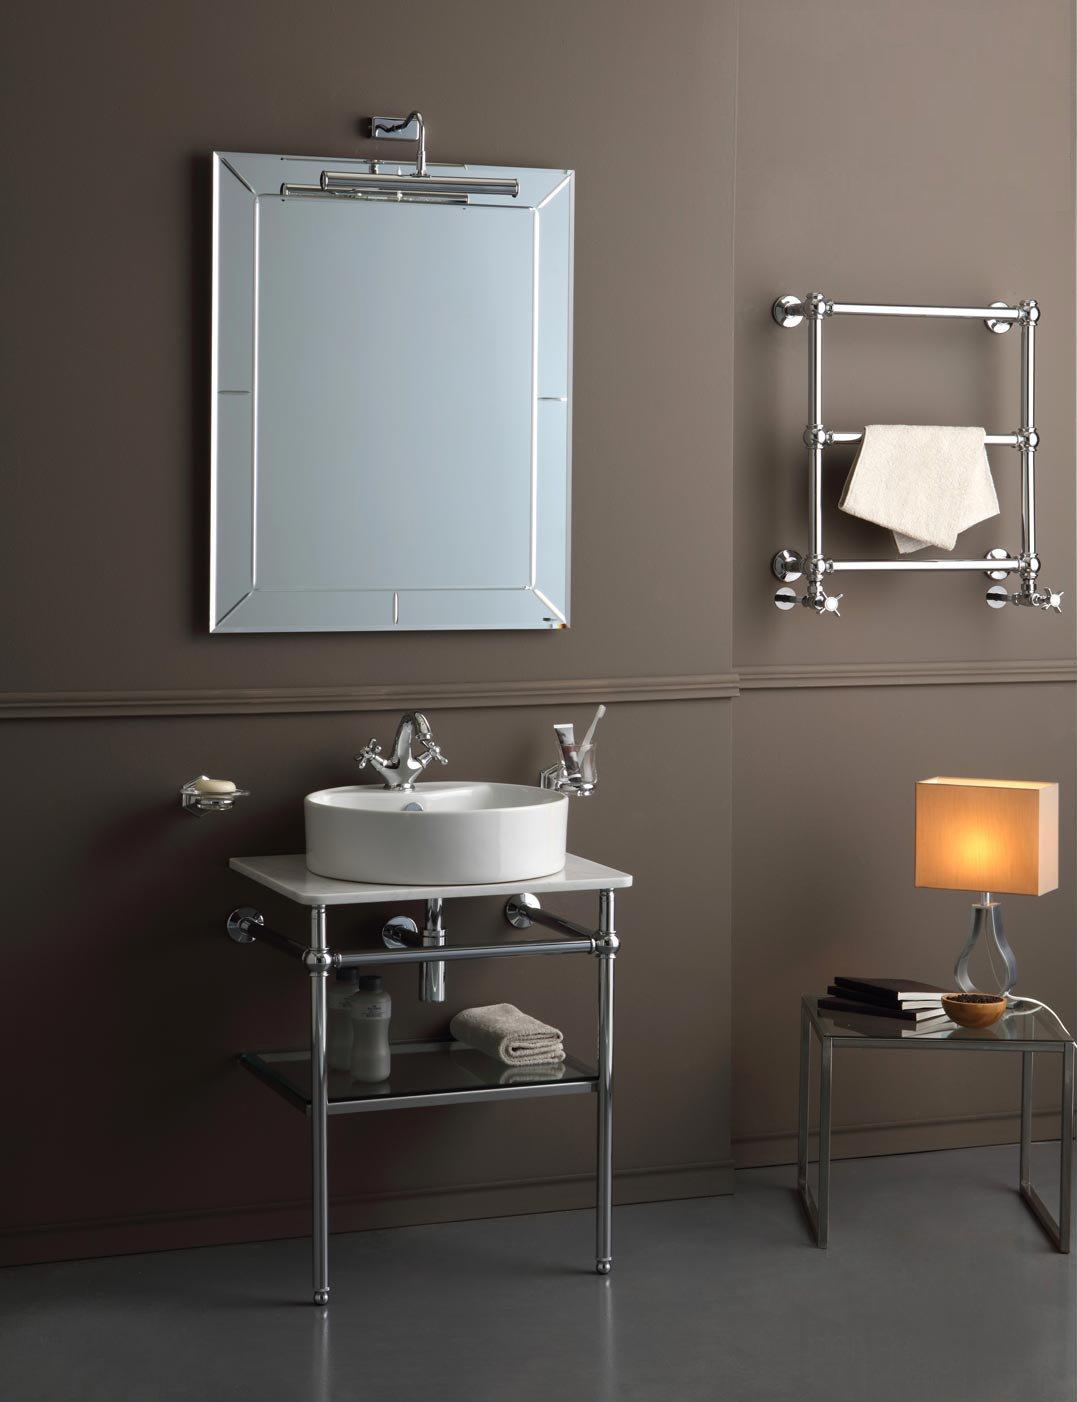 Accessori per il bagno qualit italiana per completare l - Stufetta elettrica per bagno ...